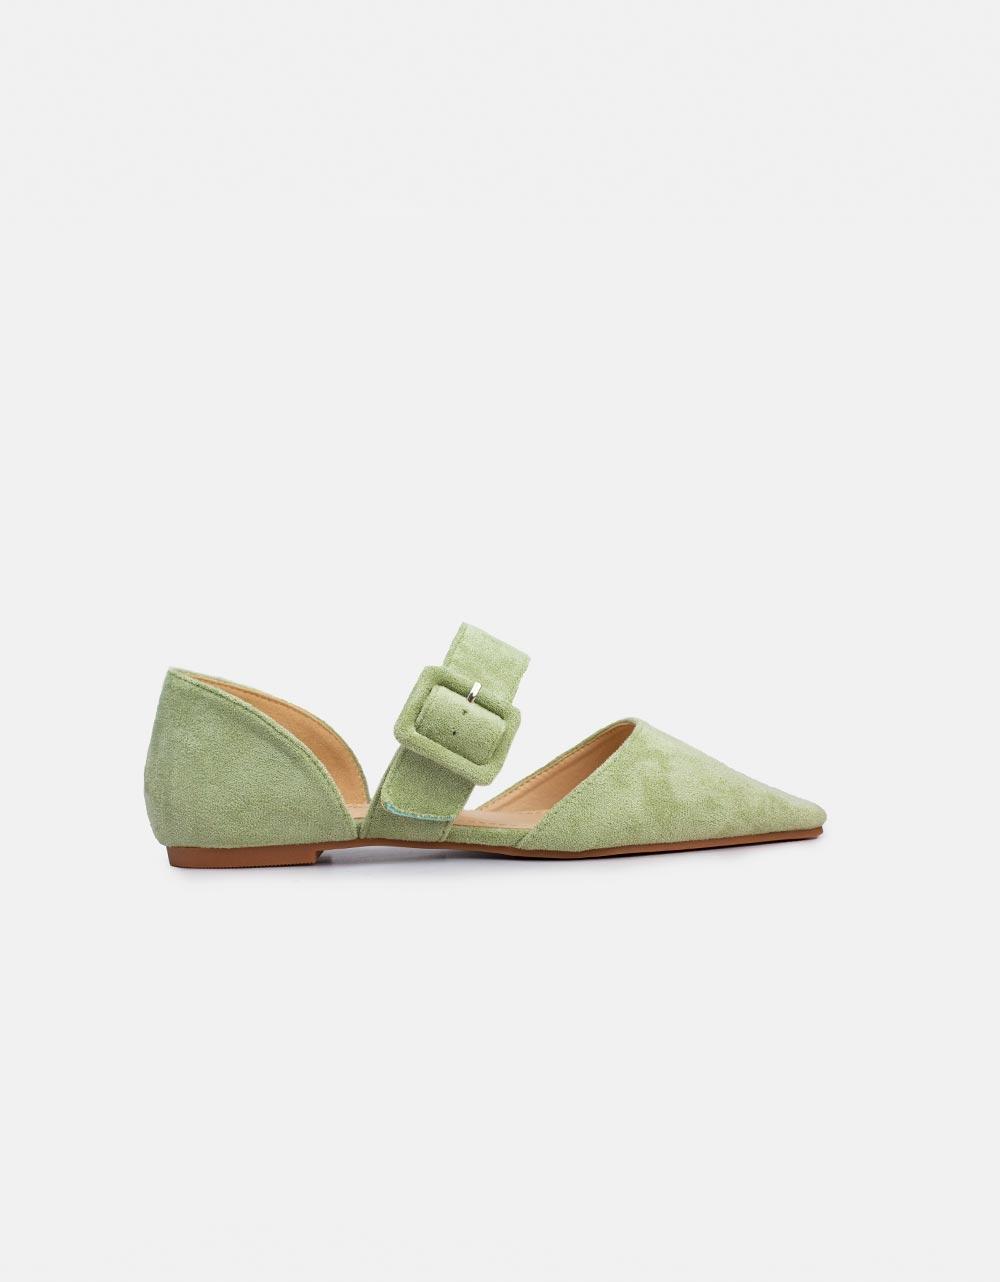 Εικόνα από Γυναικεία flat μπαλαρίνες Πράσινο